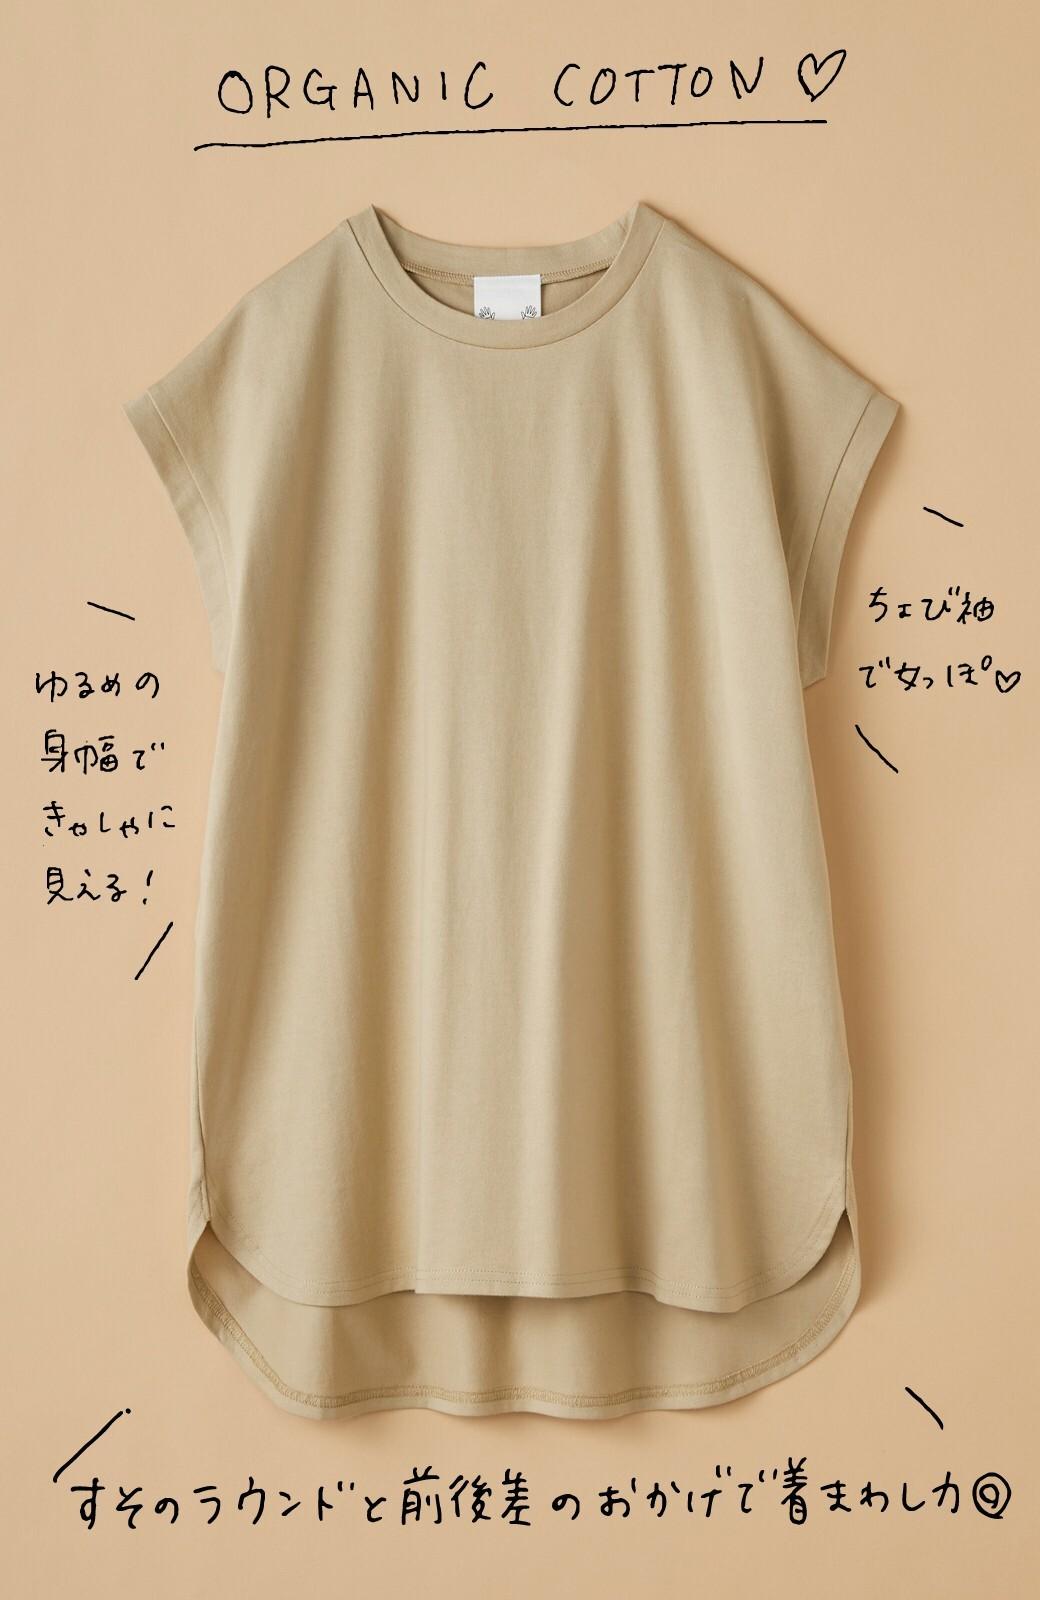 haco! 大人のTシャツこれならいける?!ちょい袖でかっこよく見せるTシャツ by que made me + PBP <ベージュ>の商品写真2